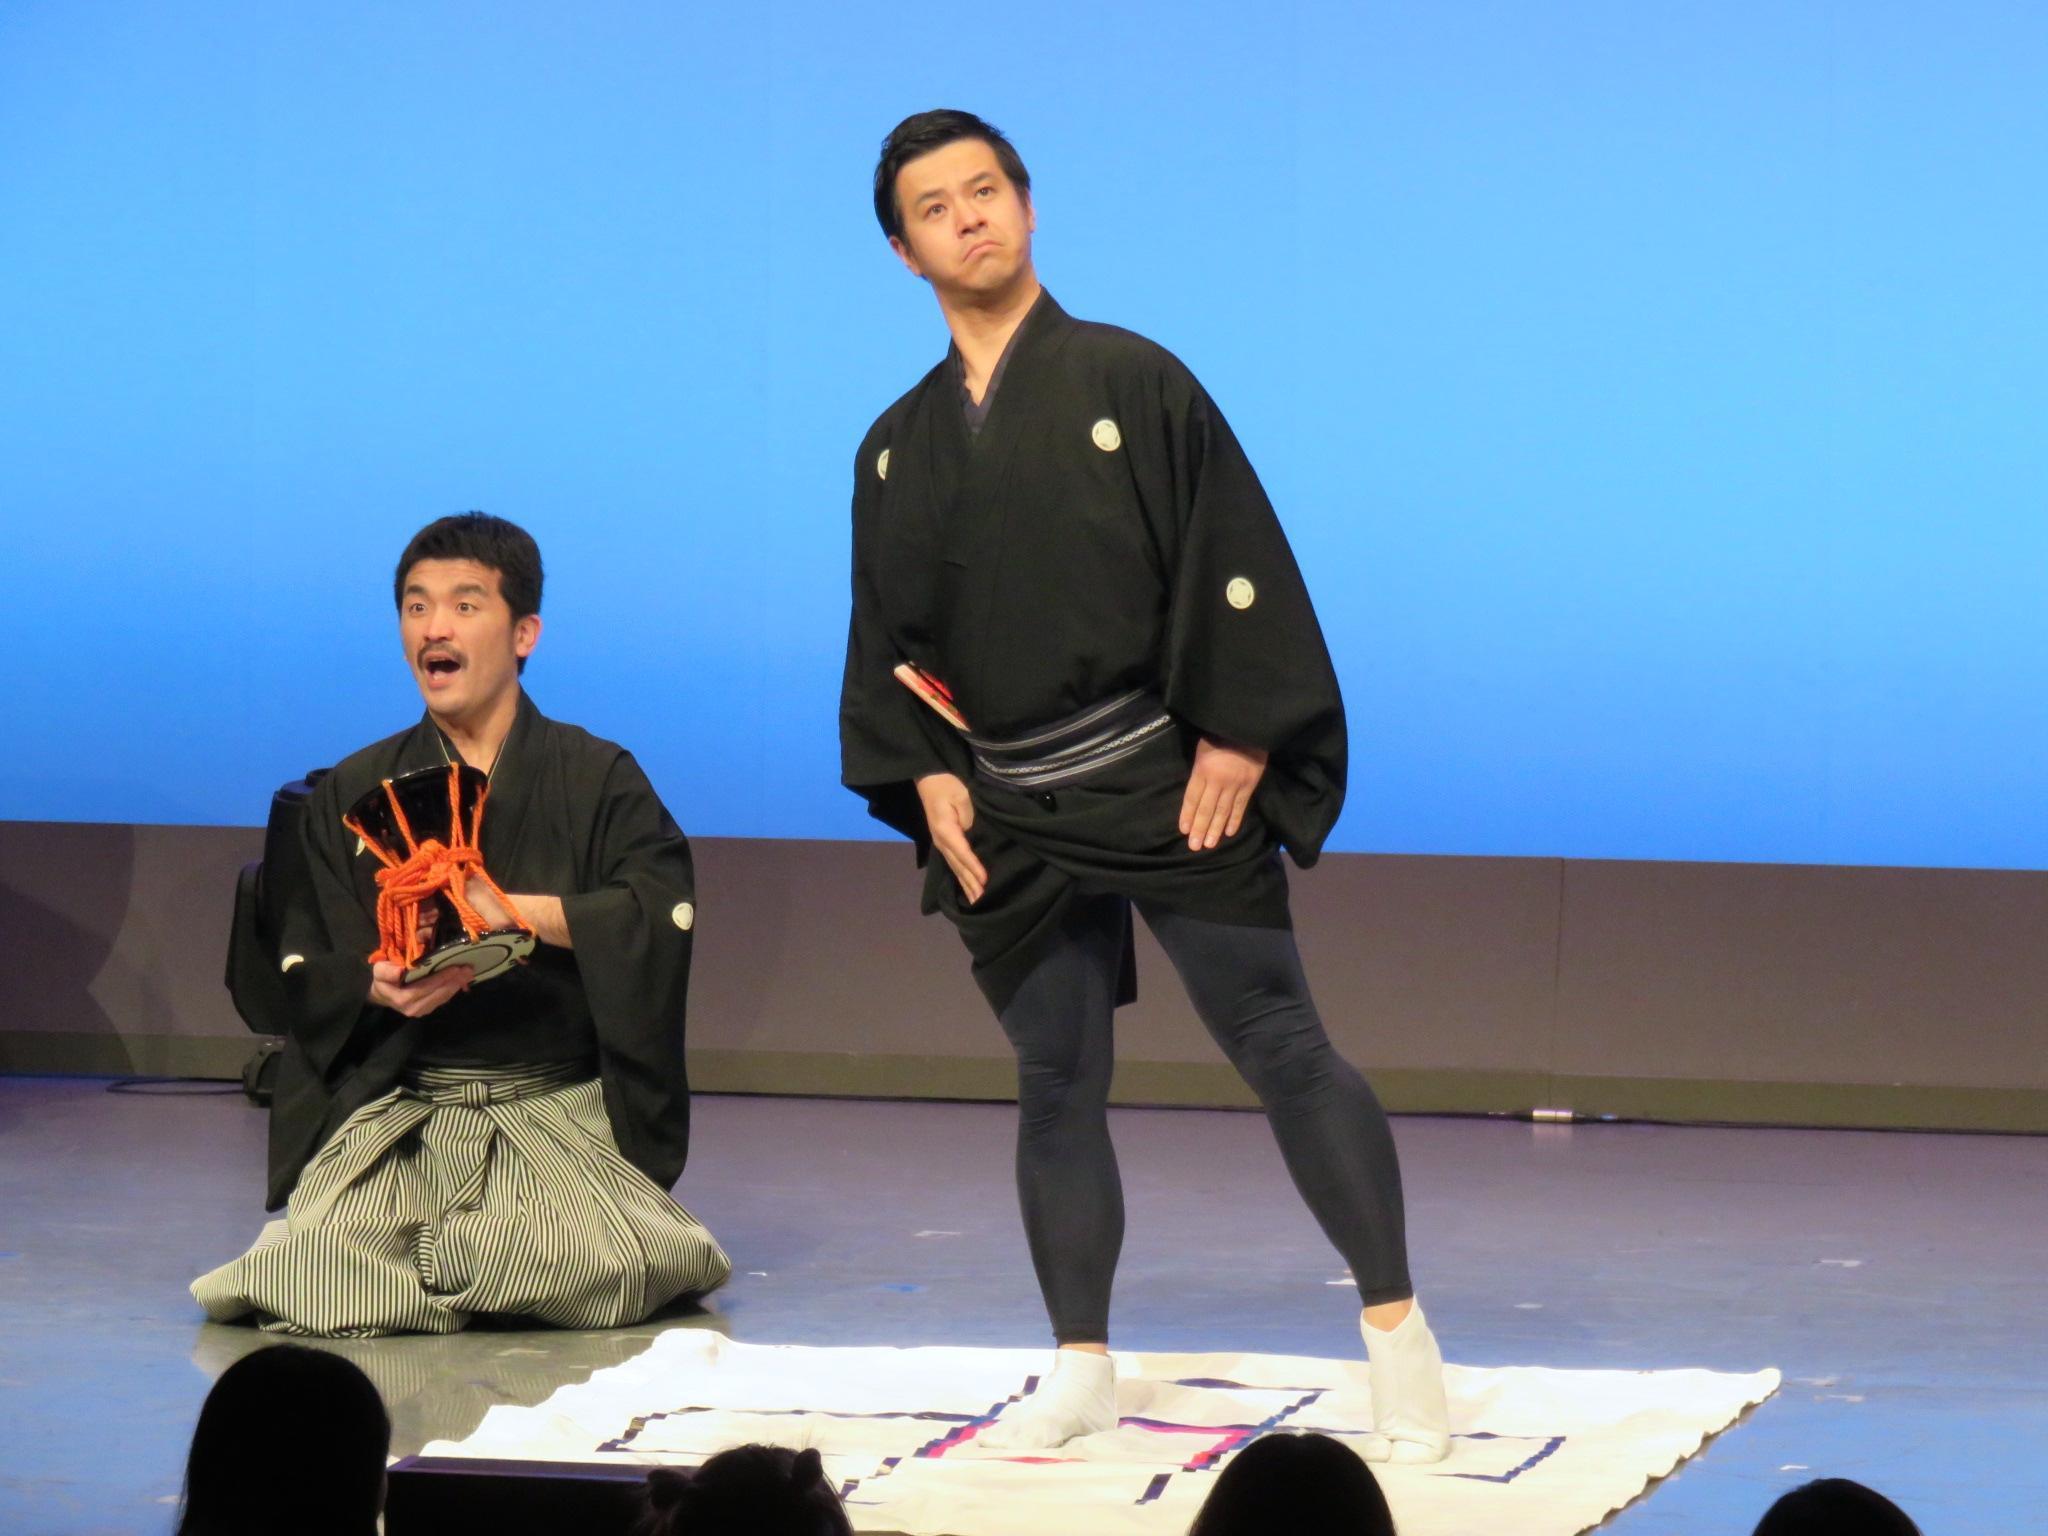 http://news.yoshimoto.co.jp/20170318121243-a408005d176fc432f6b16aef9b990ca7c52e0be6.jpg